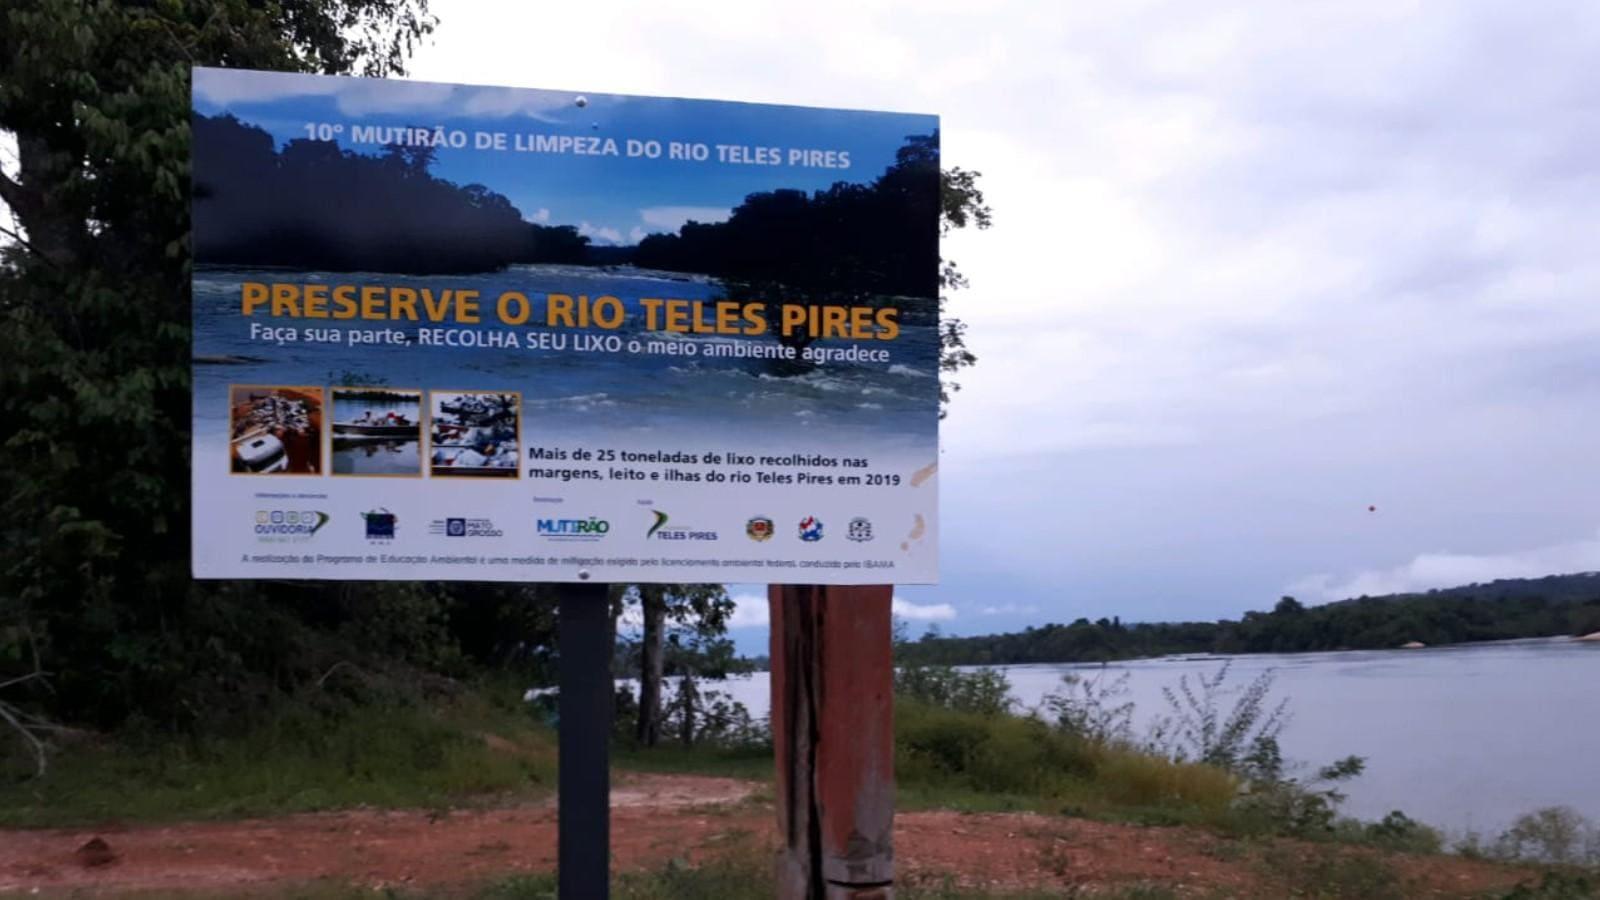 Companhia Hidrelétrica Teles Pires apoia Mutirão de Limpeza do Rio Teles Pires